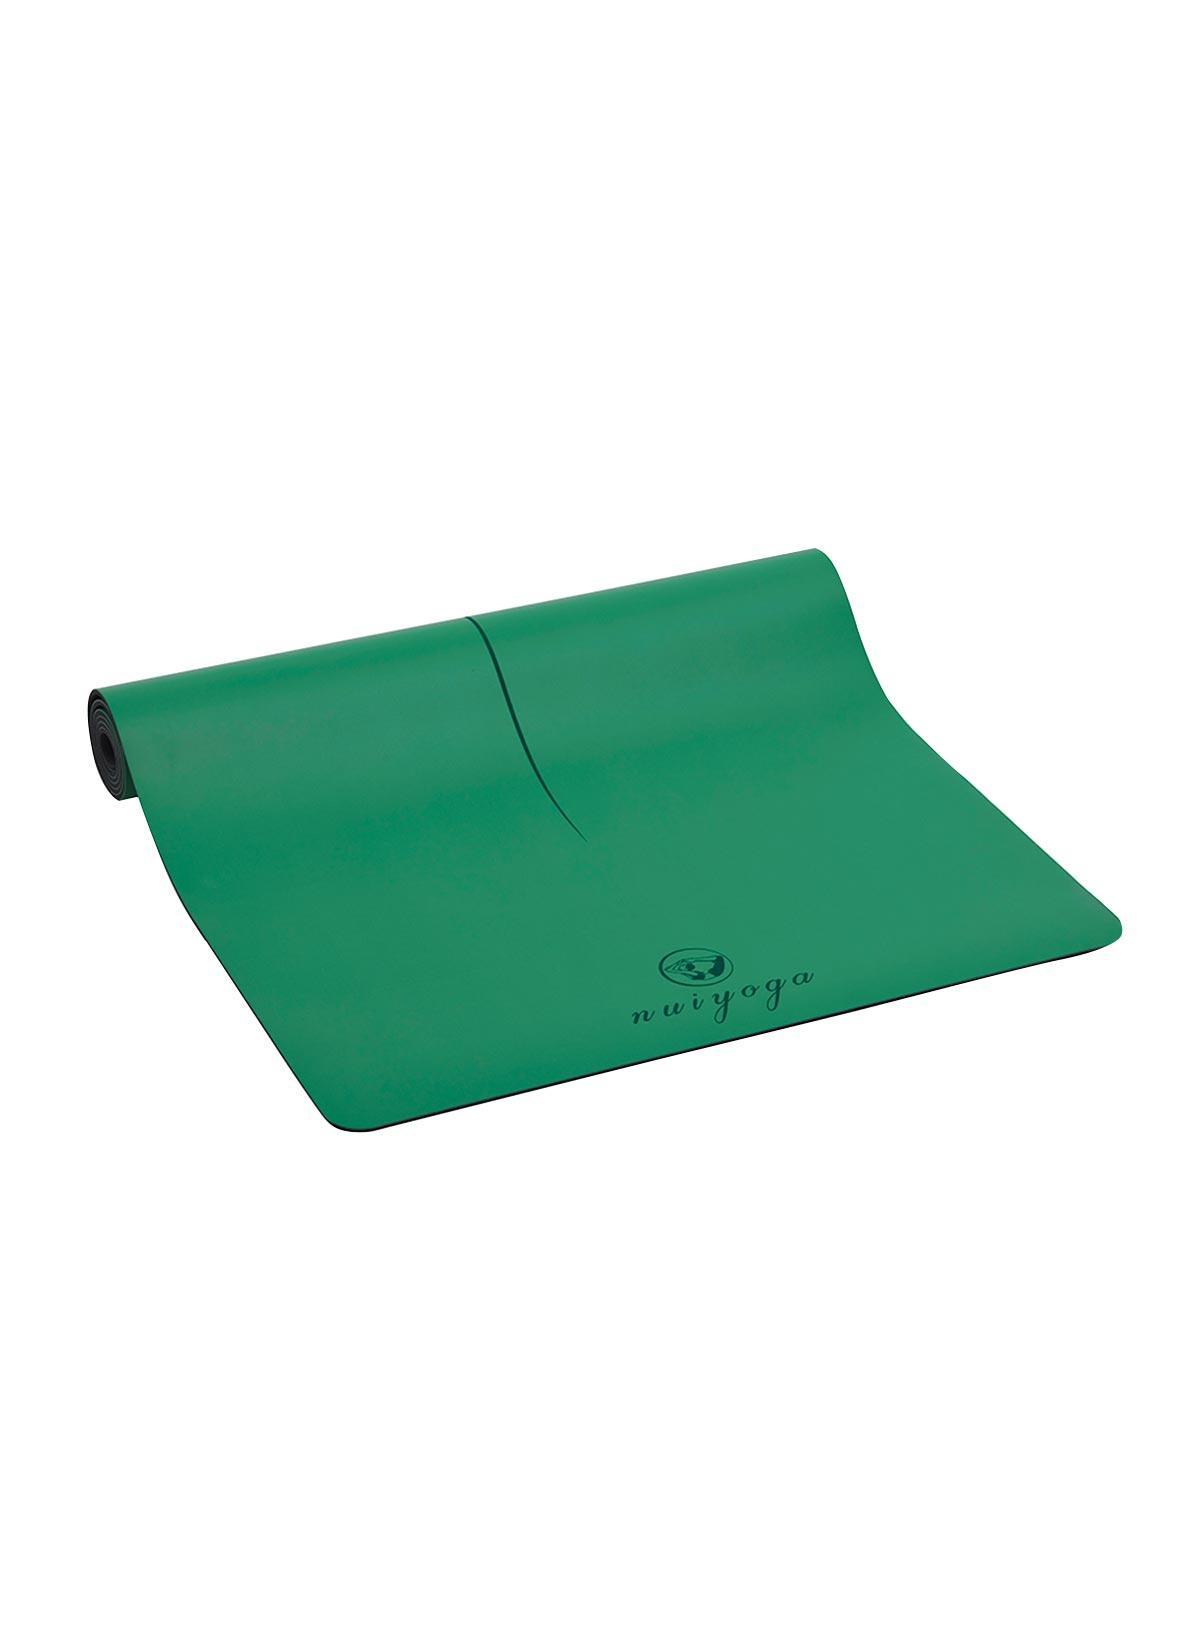 Ma'at Design Kaydırmaz 5 mm Yeşil Yoga & Pilates Matı